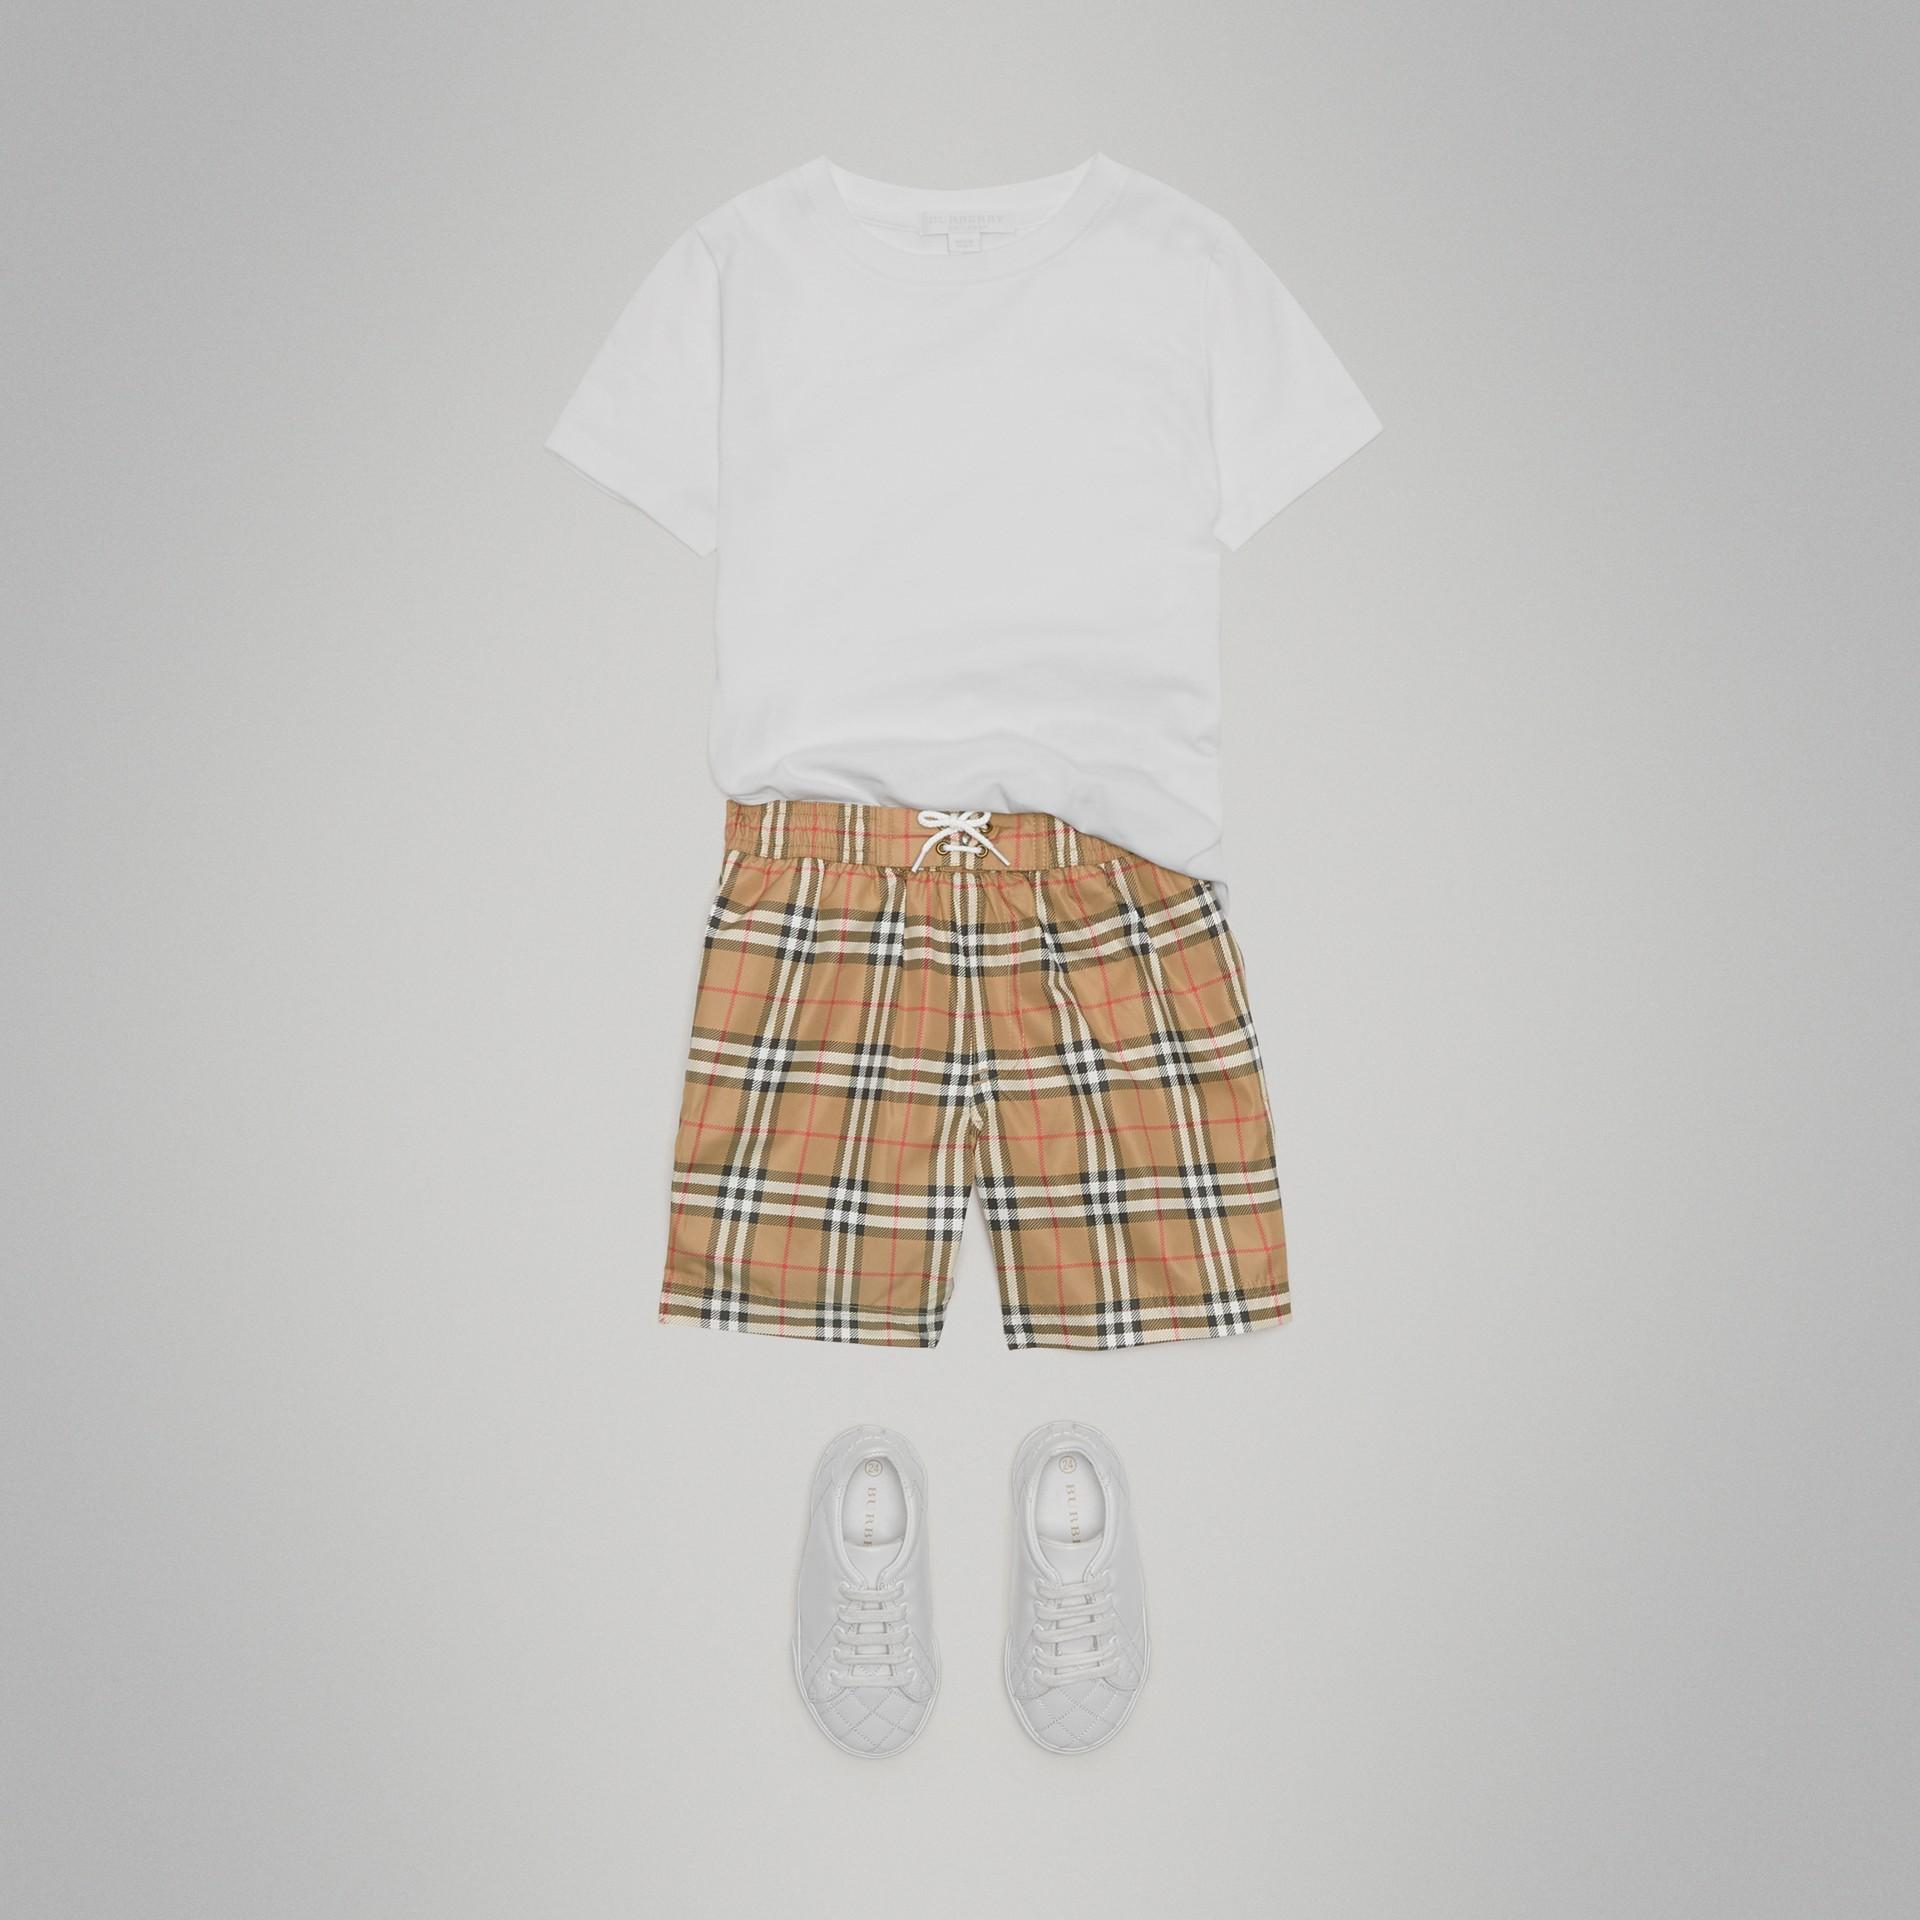 Schwimmshorts mit Vintage Check-Muster (Camelfarben) - Jungen | Burberry - Galerie-Bild 0